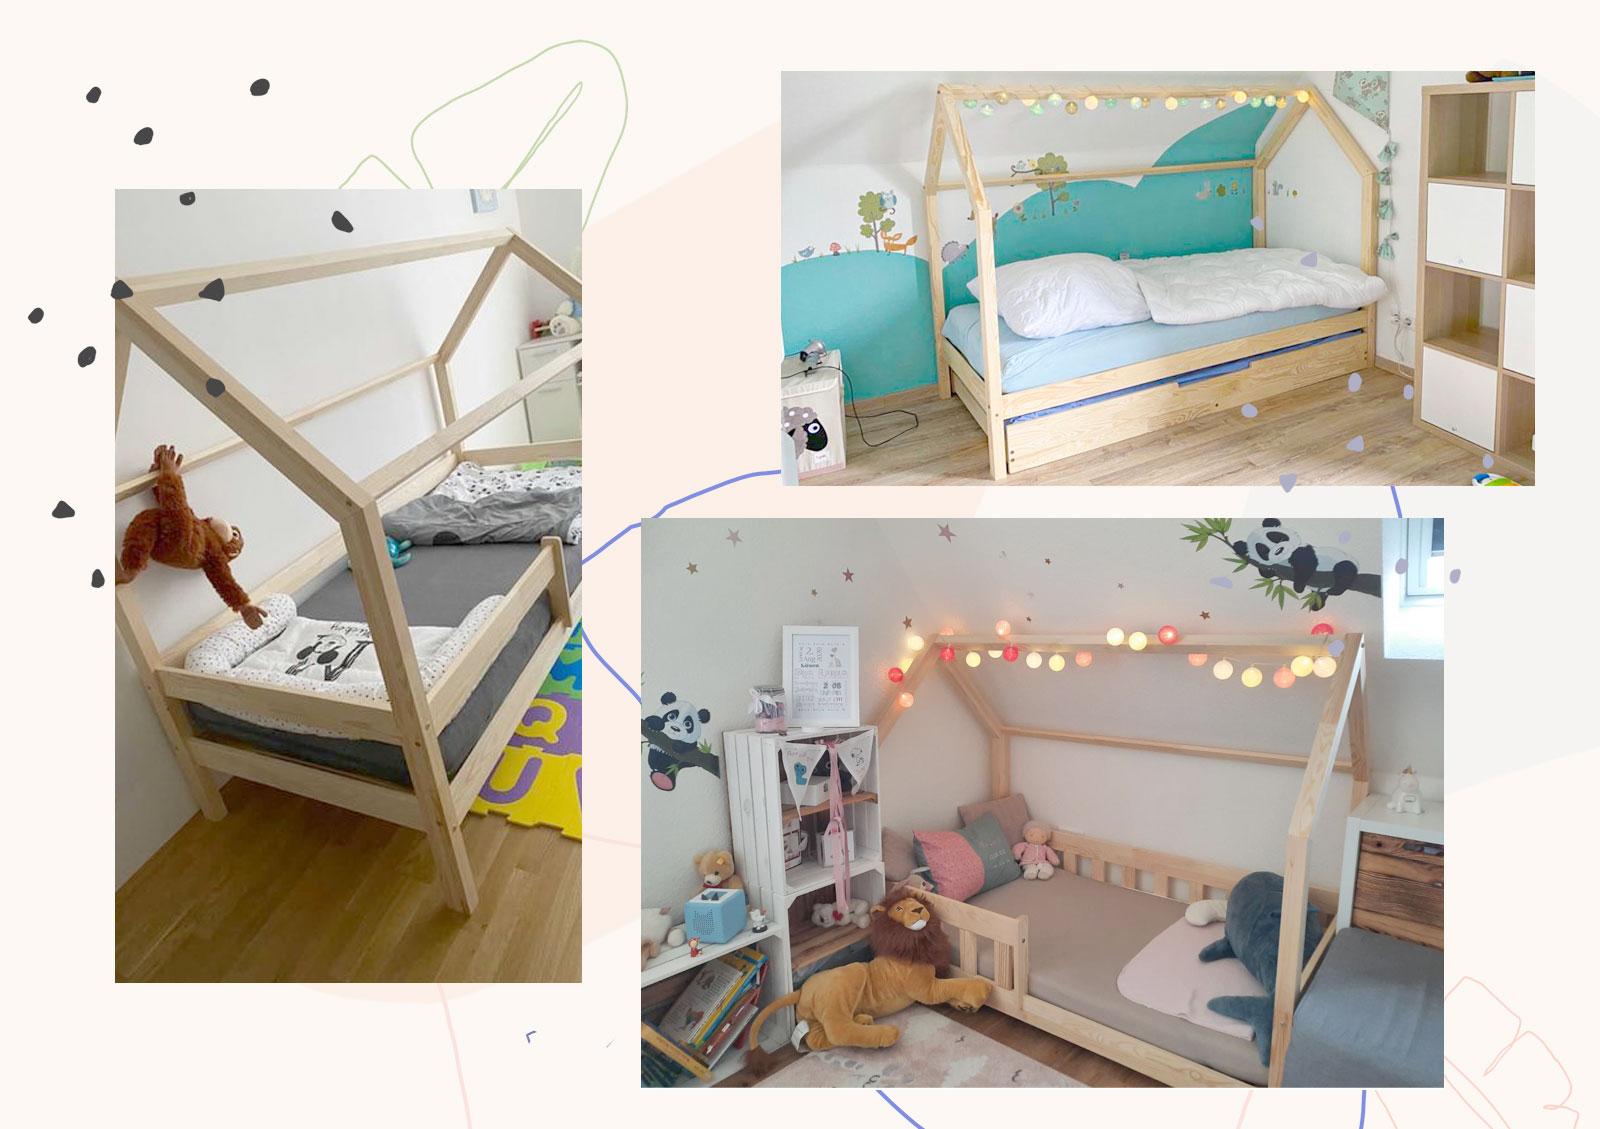 Comment utiliser le lit cabane de manière créative?